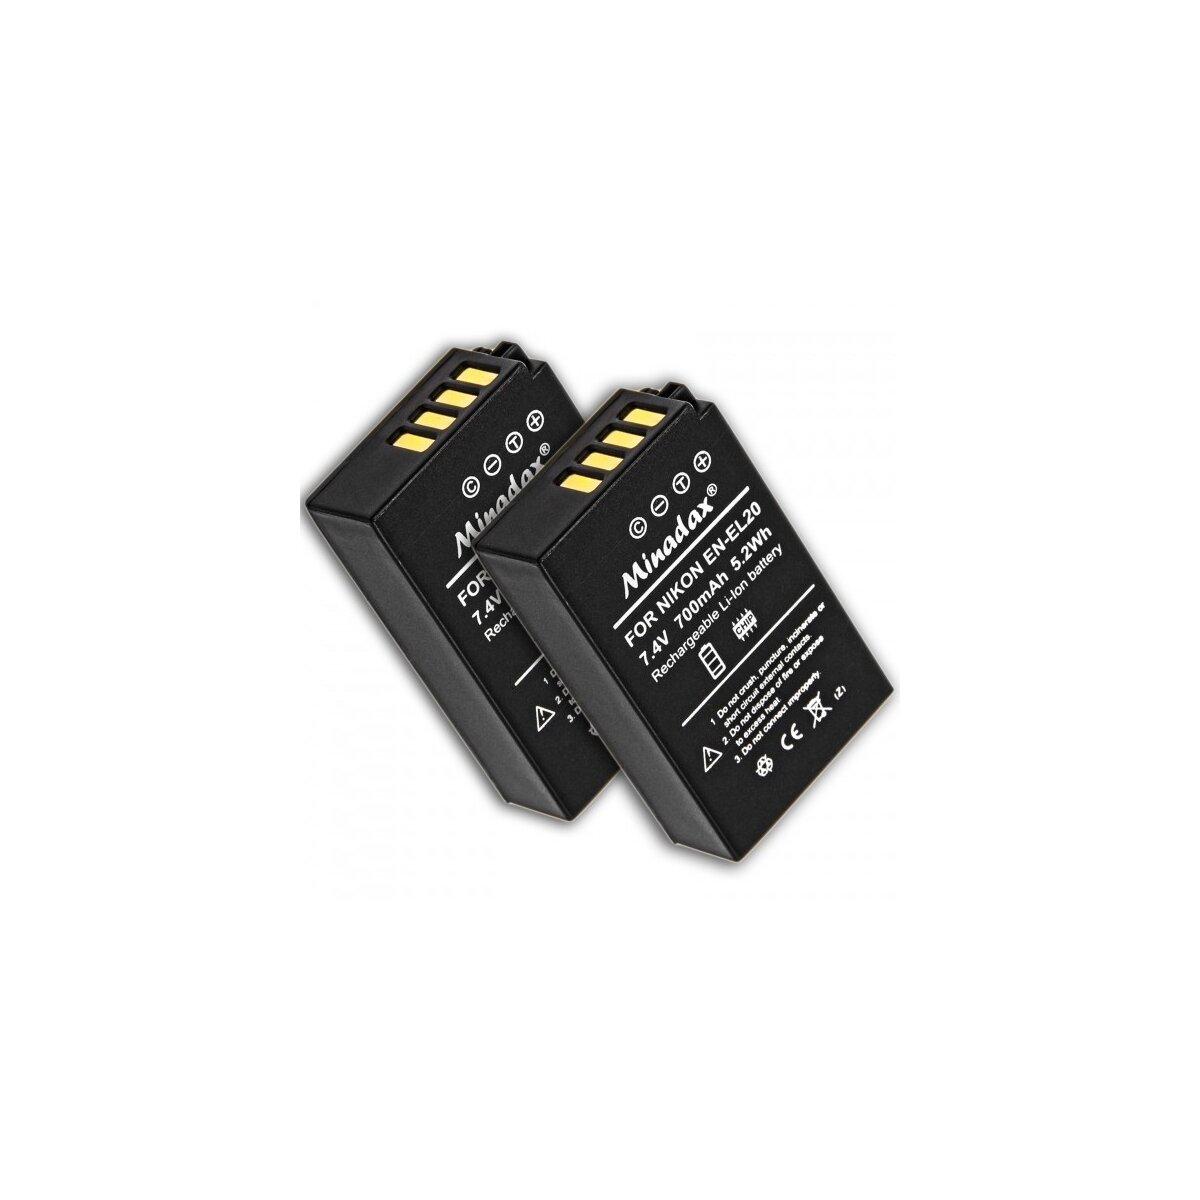 Minadax 2x Qualitätsakku kompatibel mit Nikon Ersatz für EN-EL20 - Li-Ion Akku kompatibel mit Nikon 1 AW1 J1 J2 J3 S1 COOLPIX A, Blackmagic Pocket Cinema - 100% kompatibel